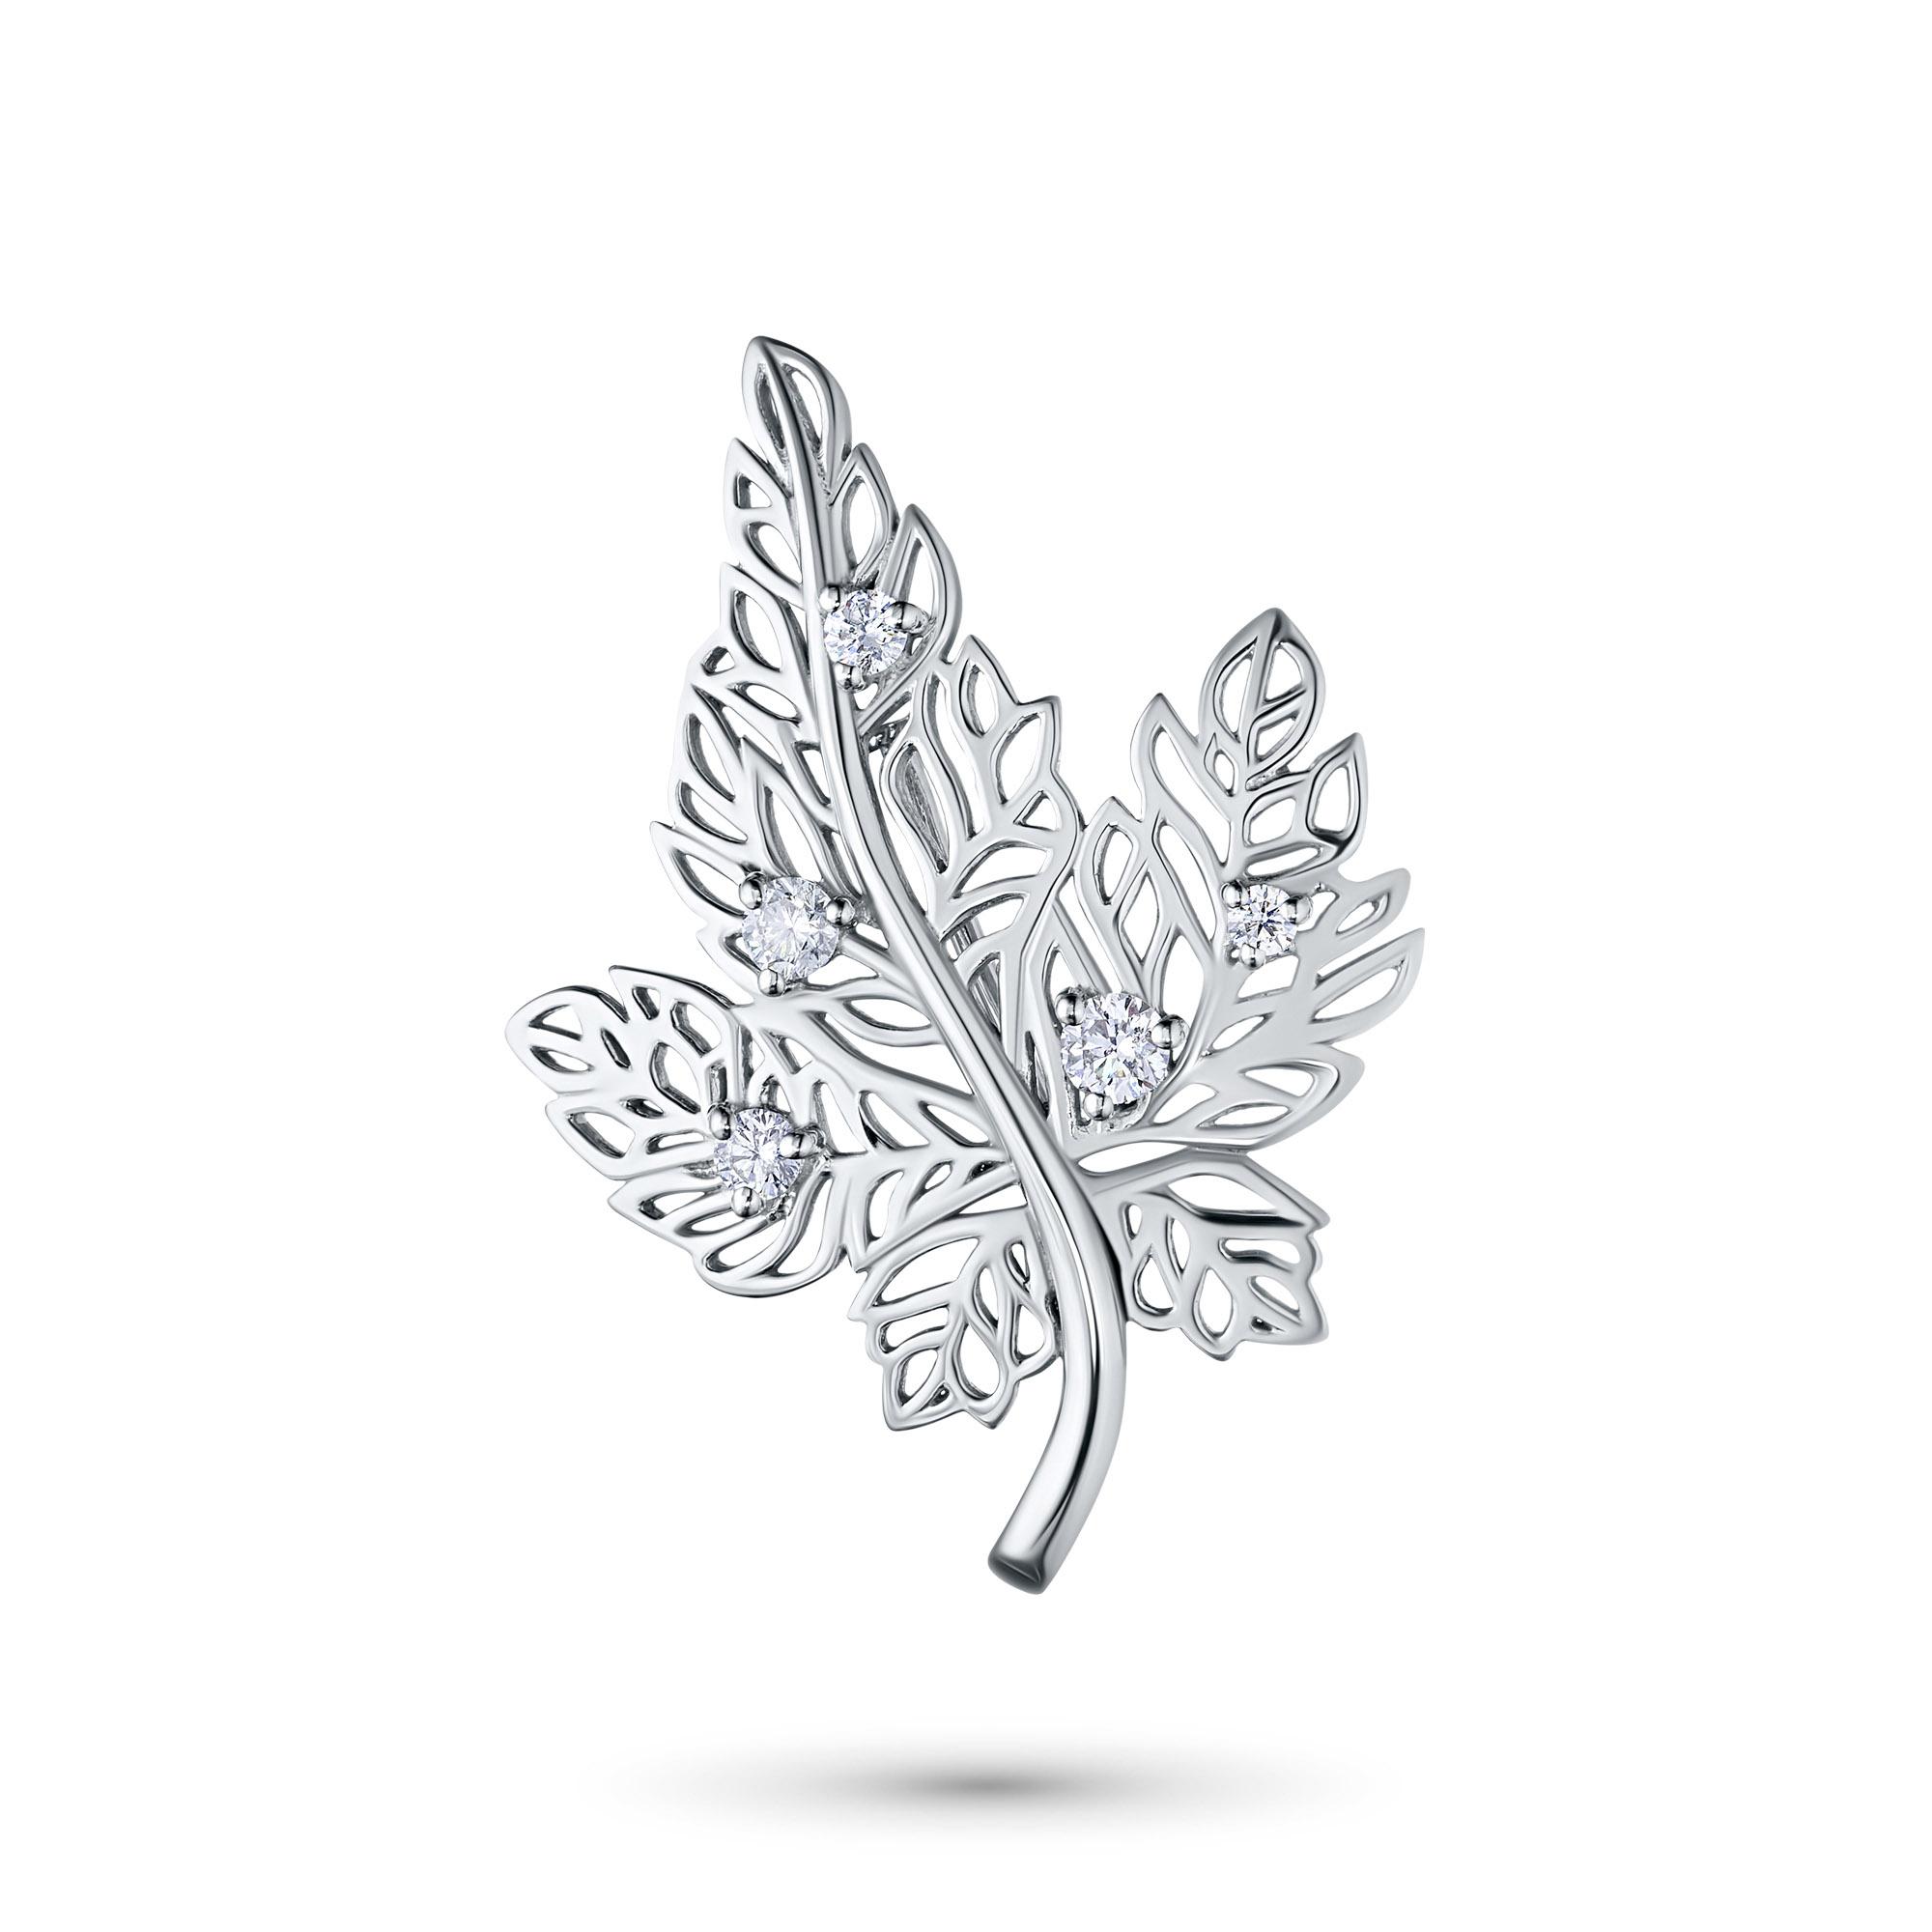 Купить со скидкой Брошь из белого золота с бриллиантами э09бш091868